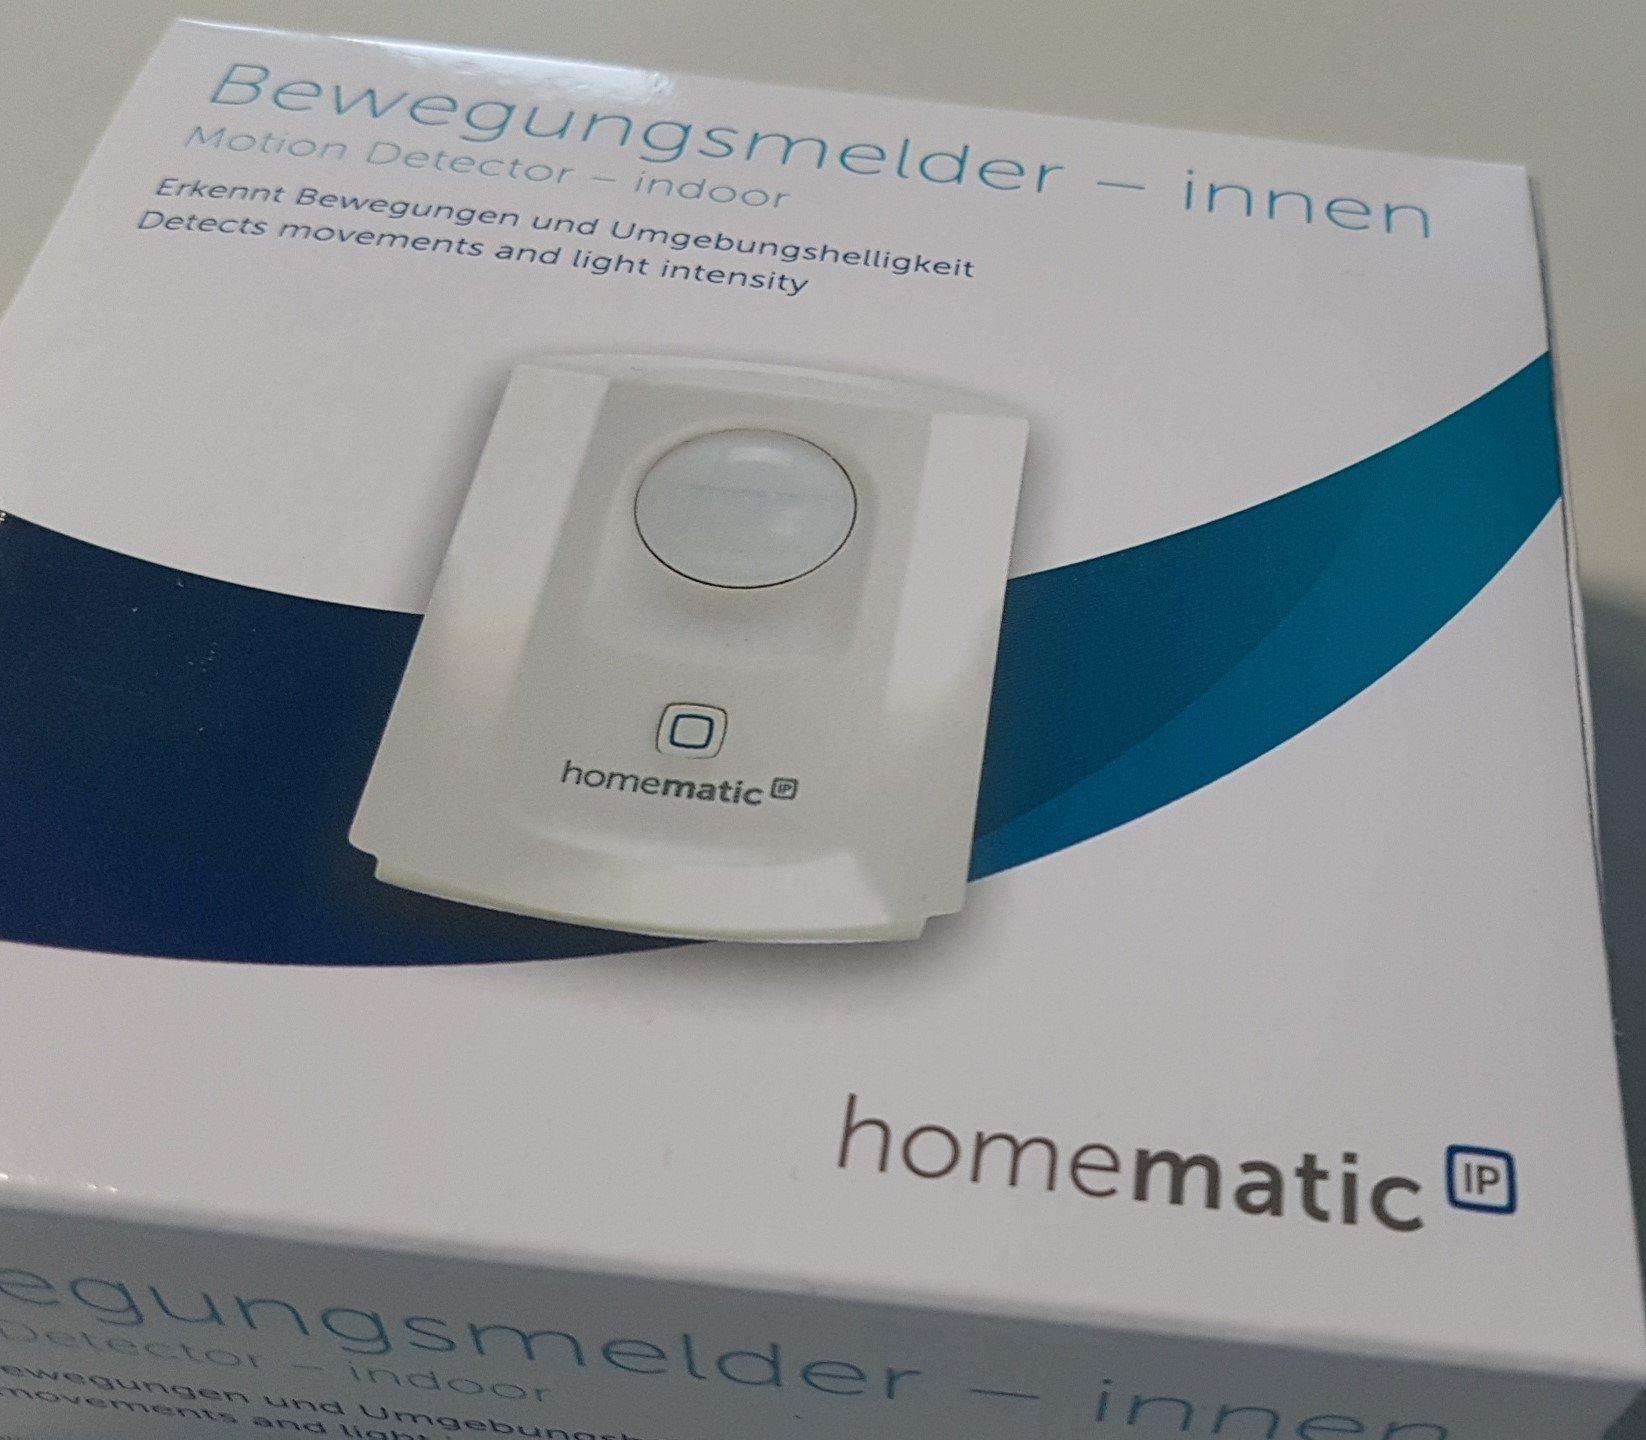 Homematic IP Датчик за движение и светлина със сензор за яркост за Smart Home